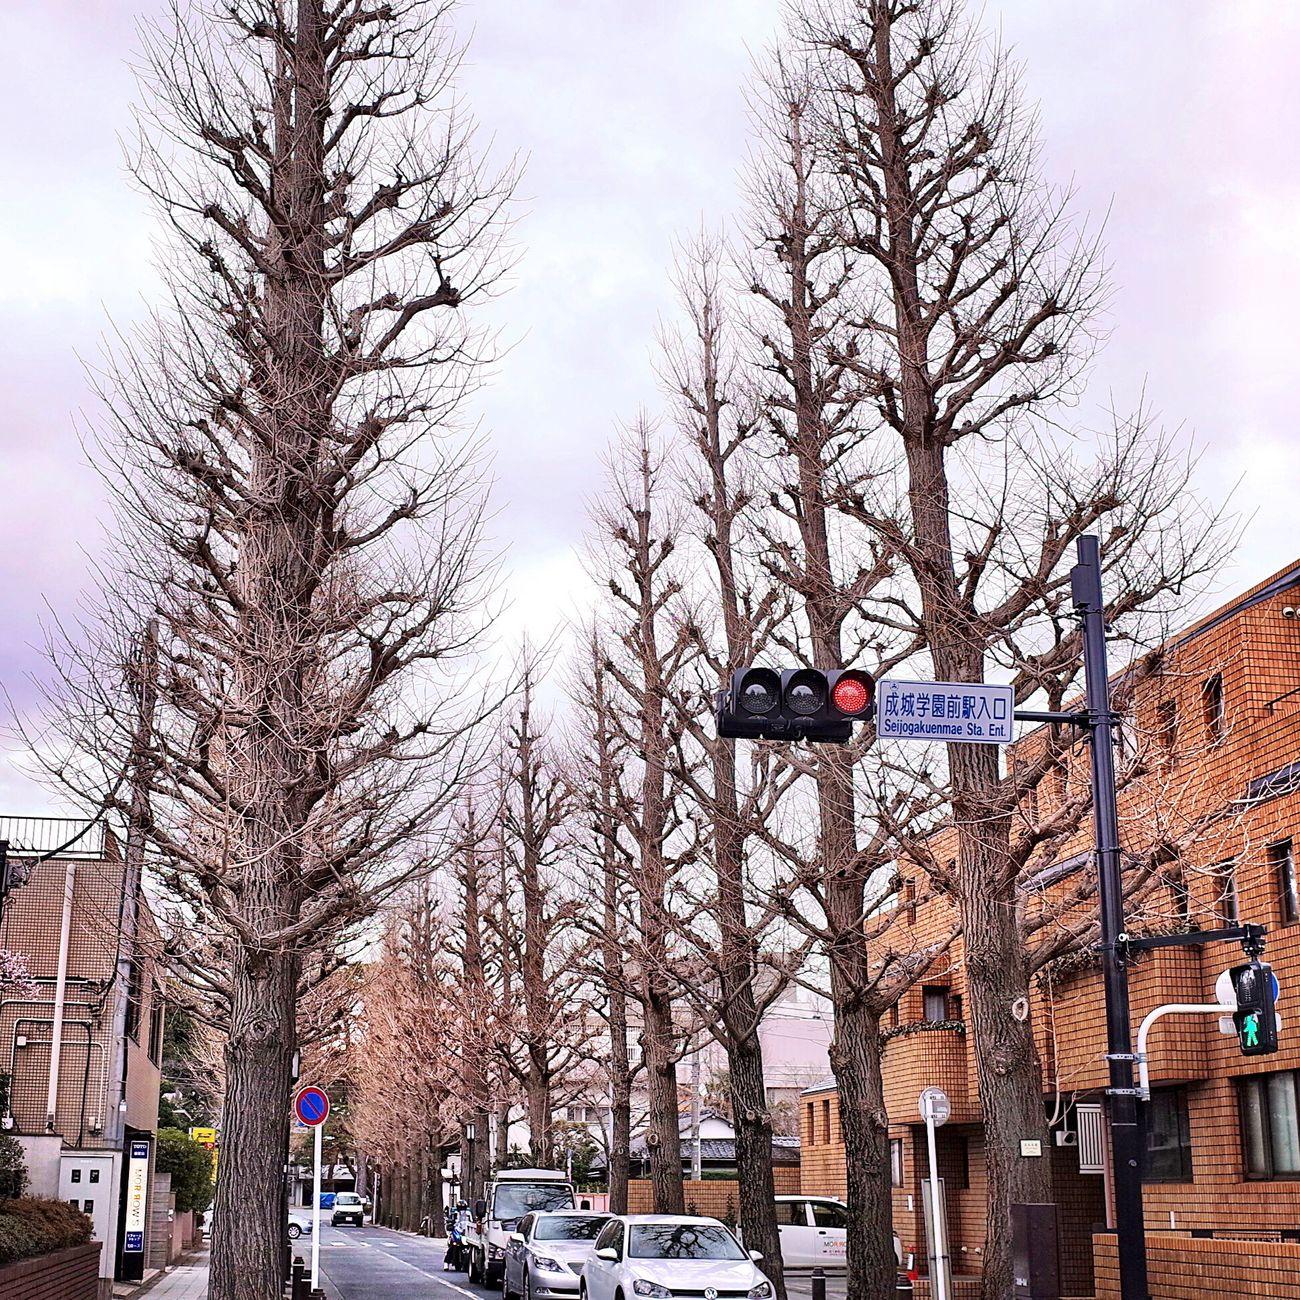 前に来た時はイチョウ並木が見事な黄金色だったのに… Ginkgo Ginkgo Tree Street Photography A Day Of Tokyo